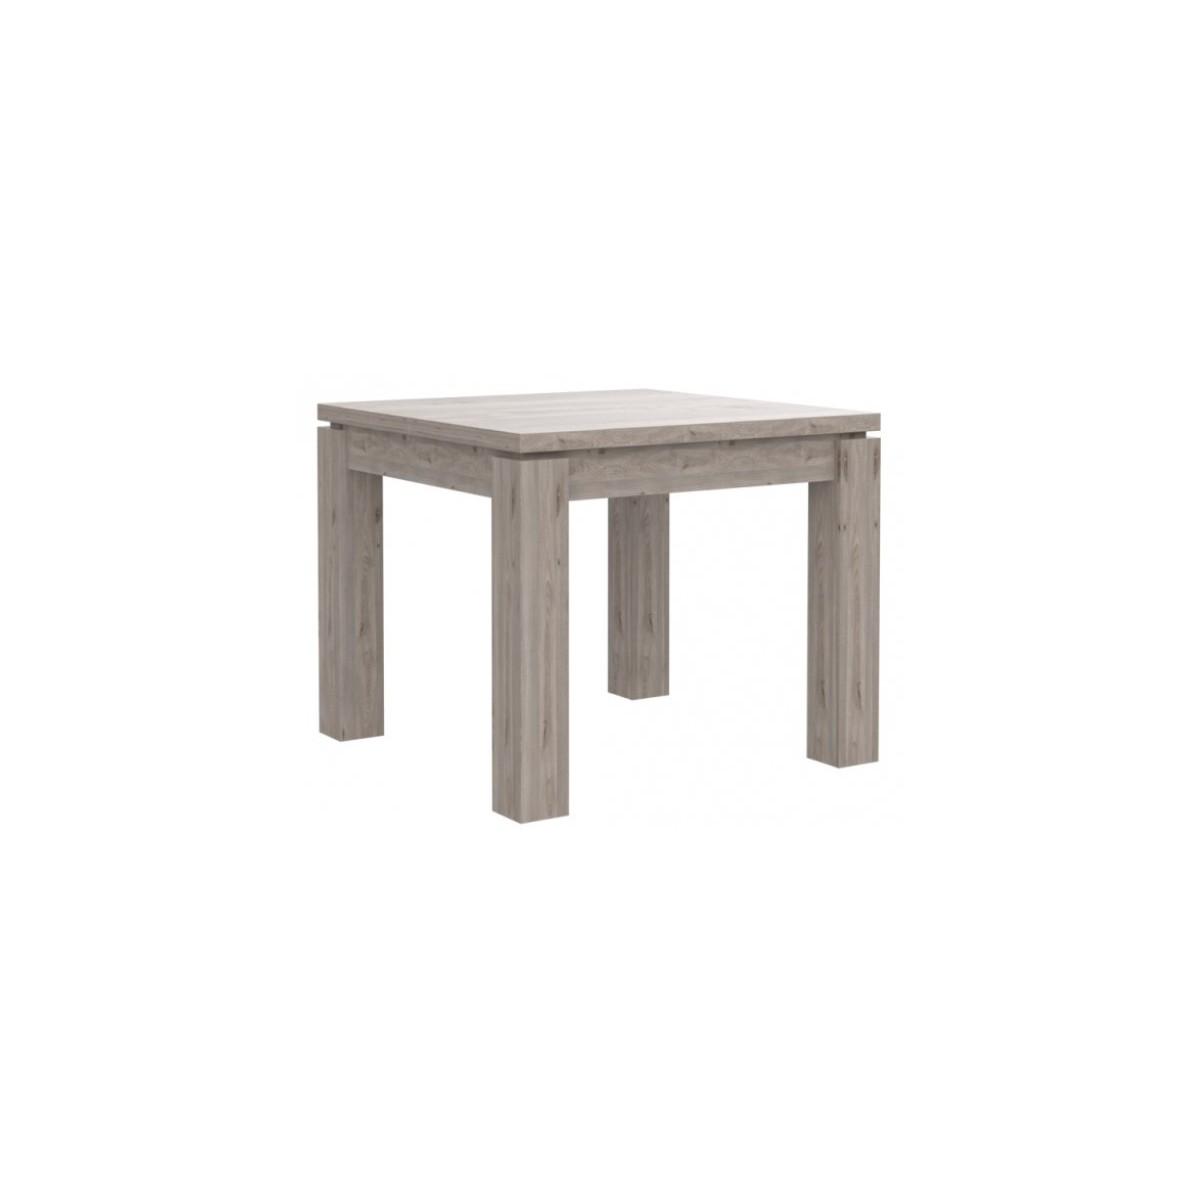 Locarno Stół rozkładany EST45-D46 Forte